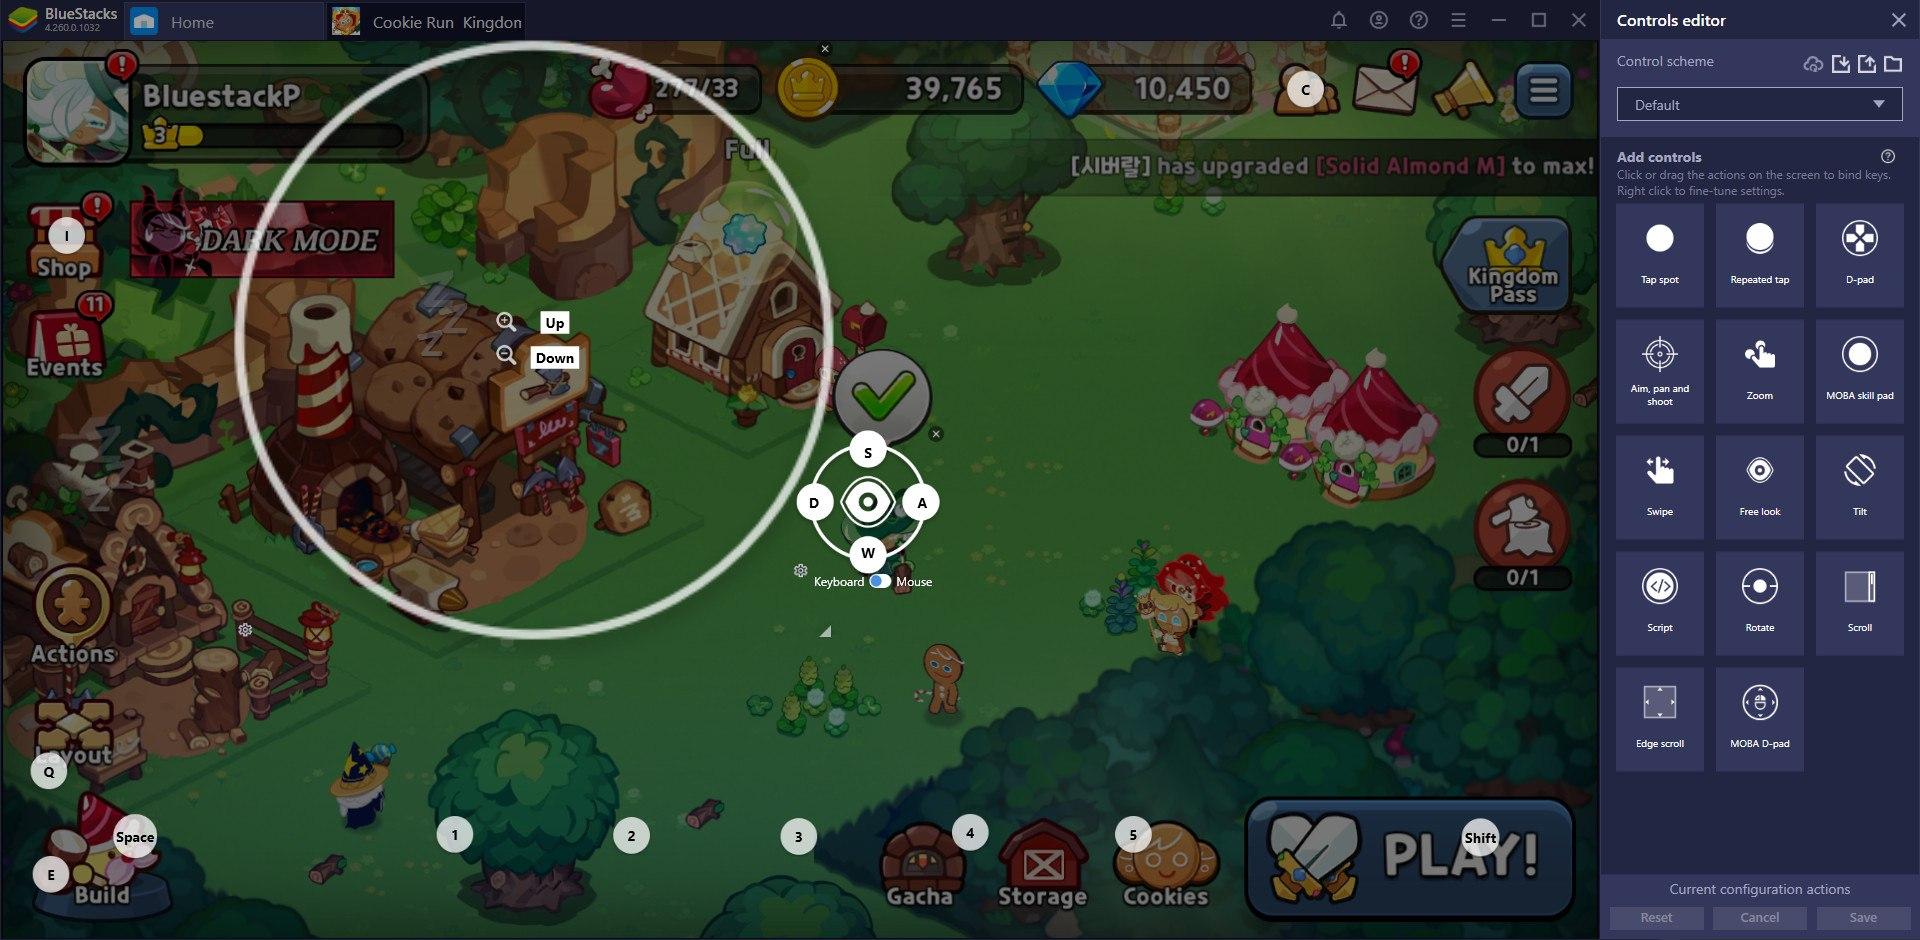 เทคนิคการเล่น Cookie Run: Kingdom บน PC และ Mac ผ่าน BlueStacks